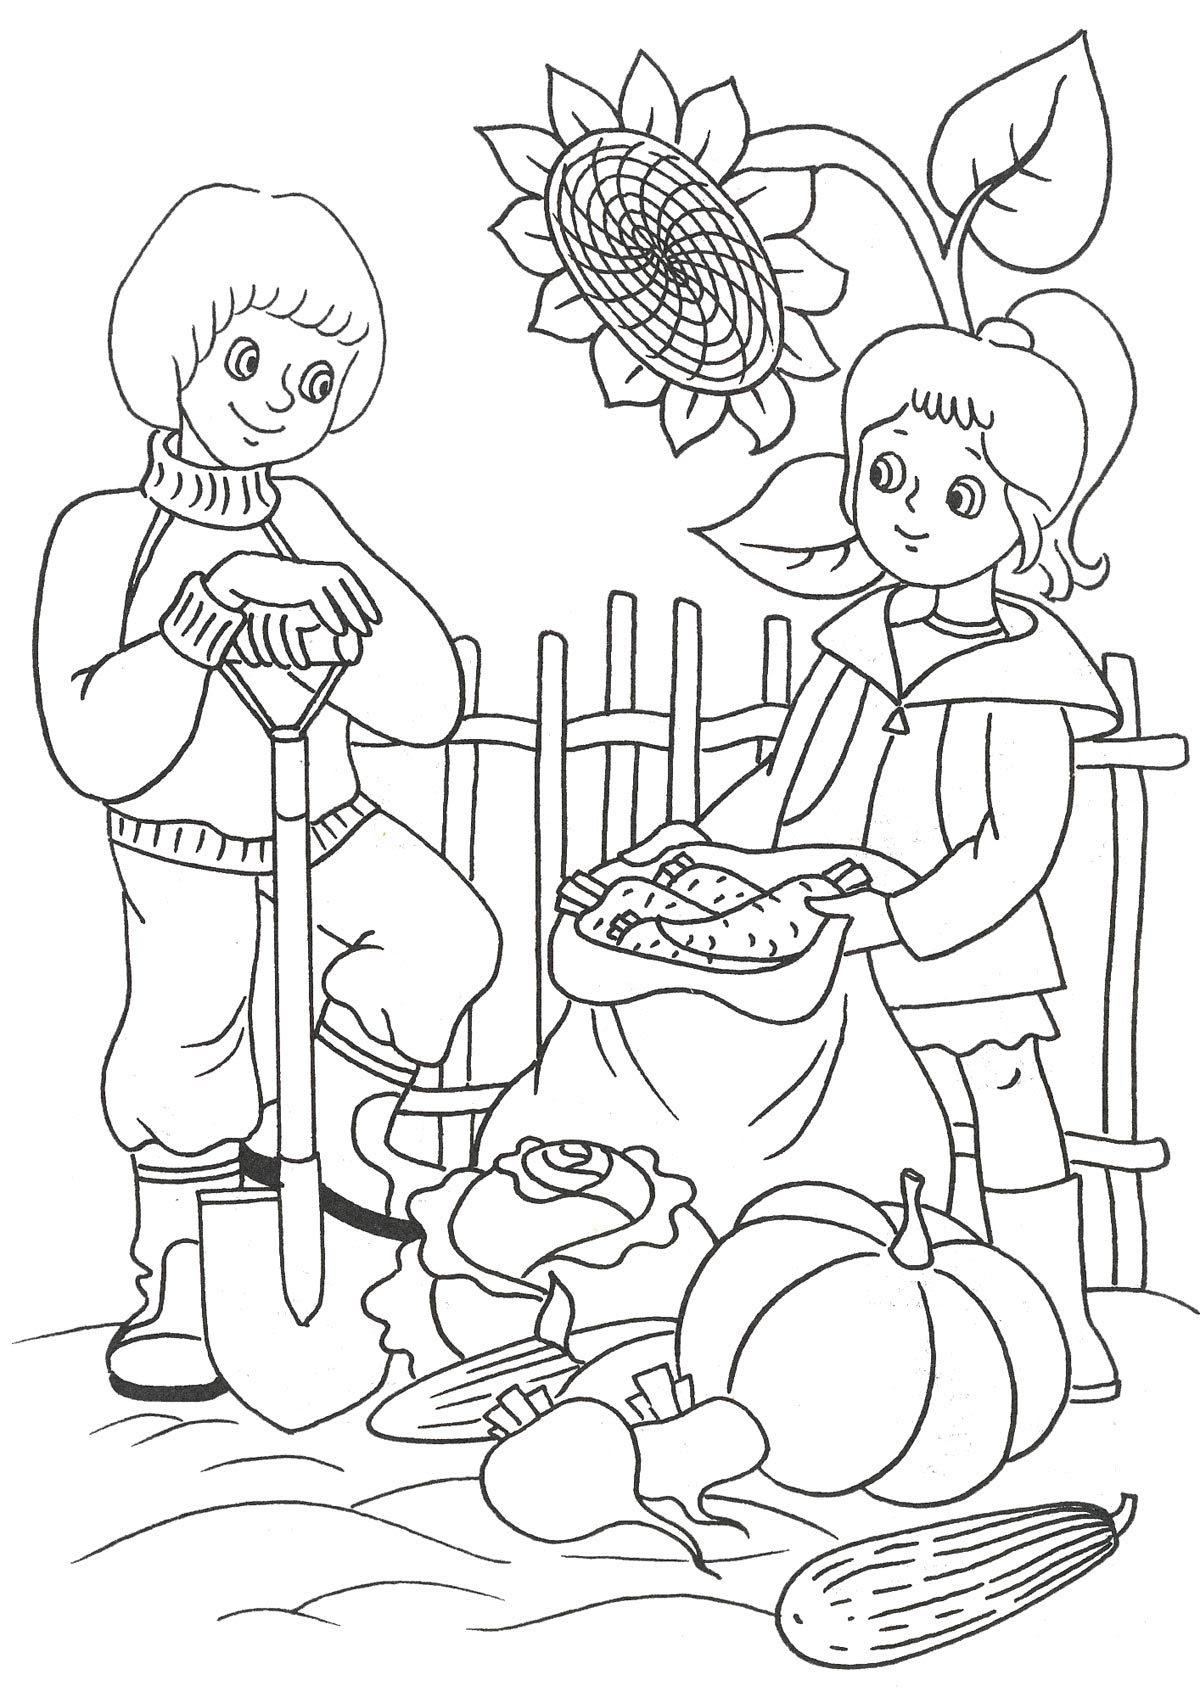 Hier können Sie Ausmalbilder – Ernte kostenlos ausdrucken Malvorlagen für Kinder